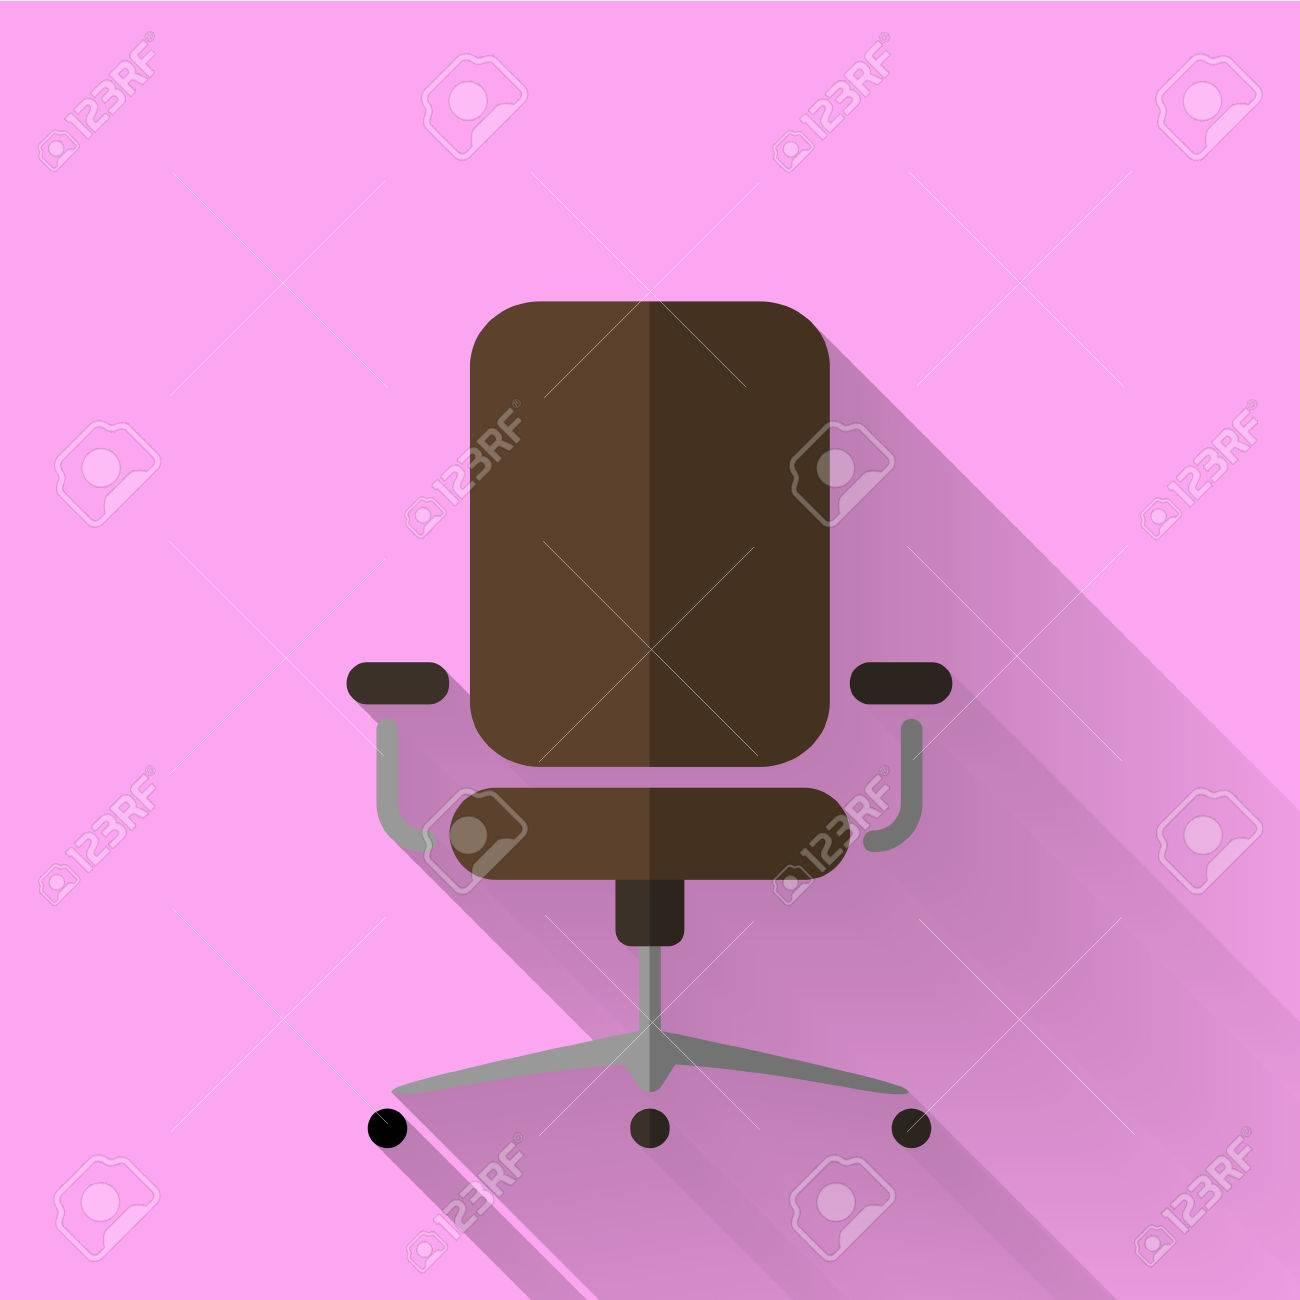 Icône Le De Bureau Plat Coloré Dans Design Style Chaise ybf7gY6